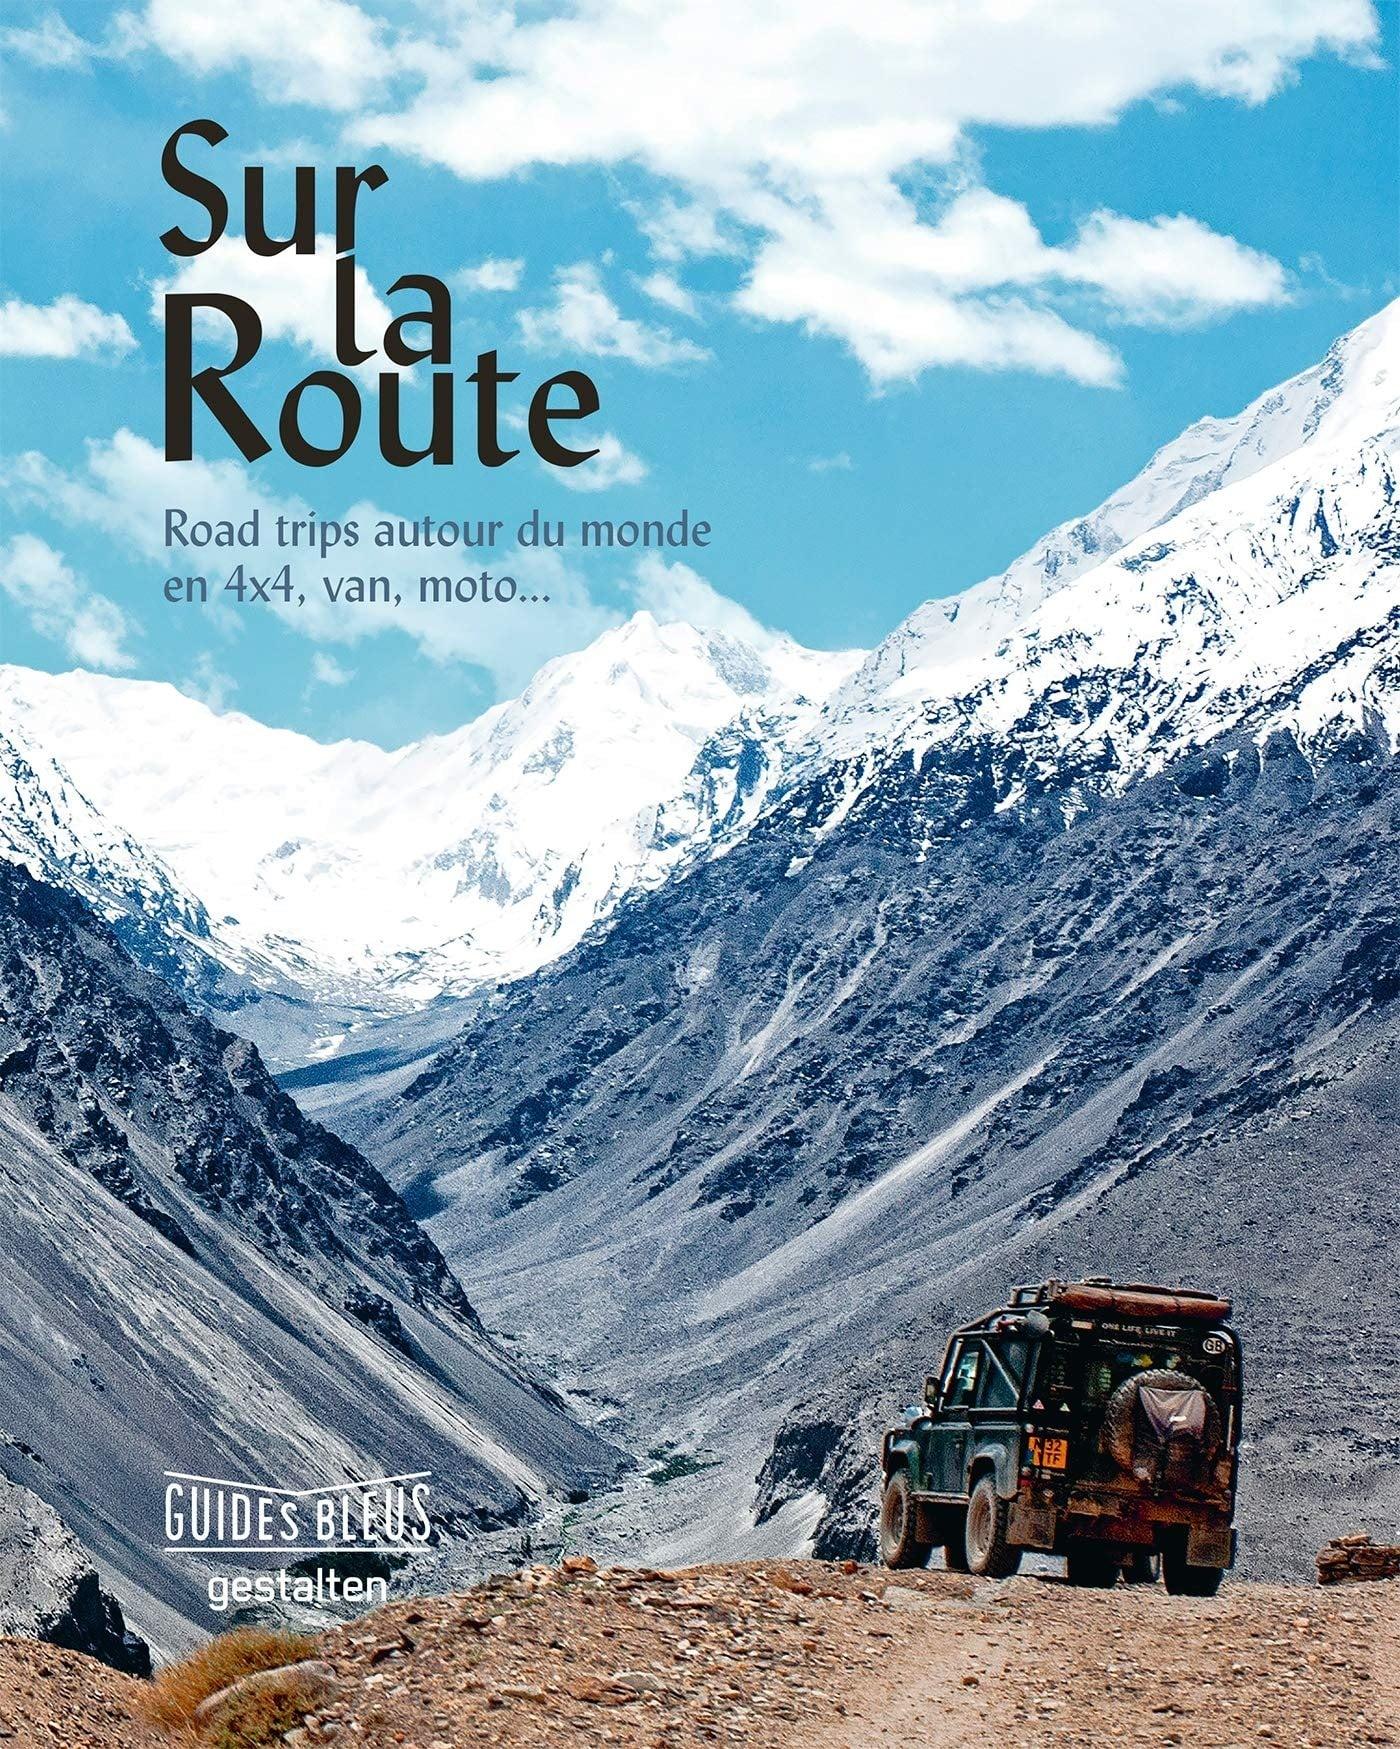 Sur la Route: Road Trip autour du monde en 4x4, van, moto...